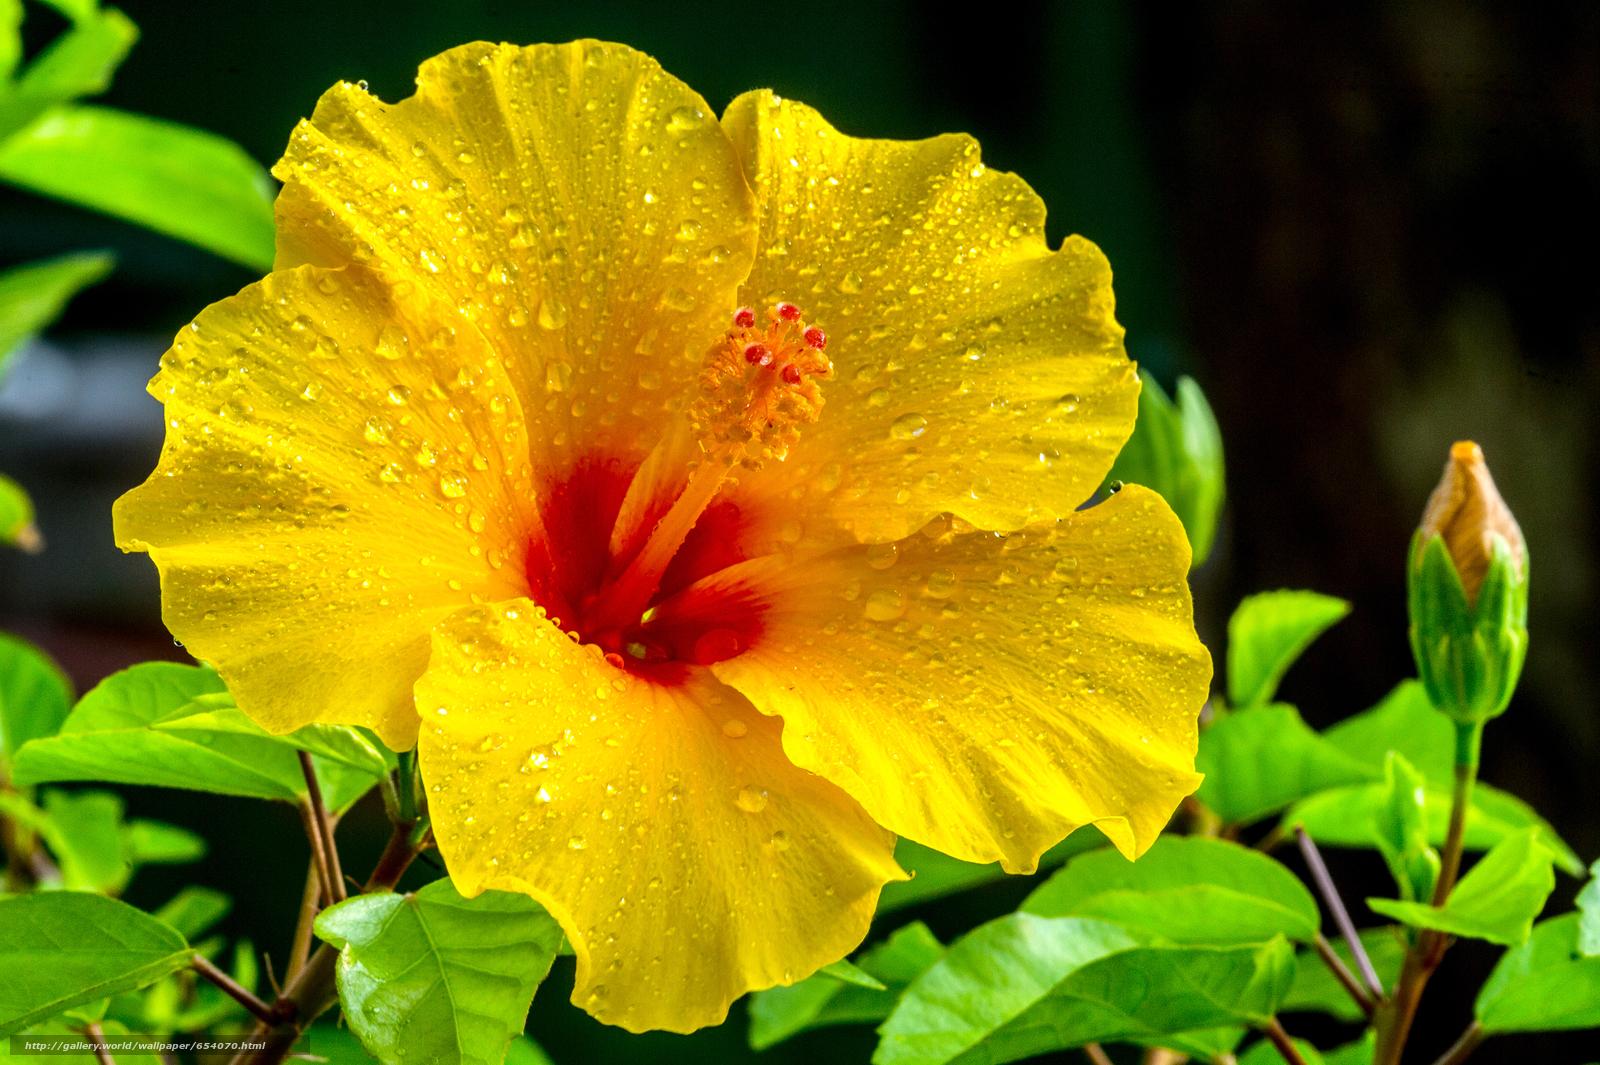 下载壁纸 槿,  花,  植物群 免费为您的桌面分辨率的壁纸 4928x3280 — 图片 №654070